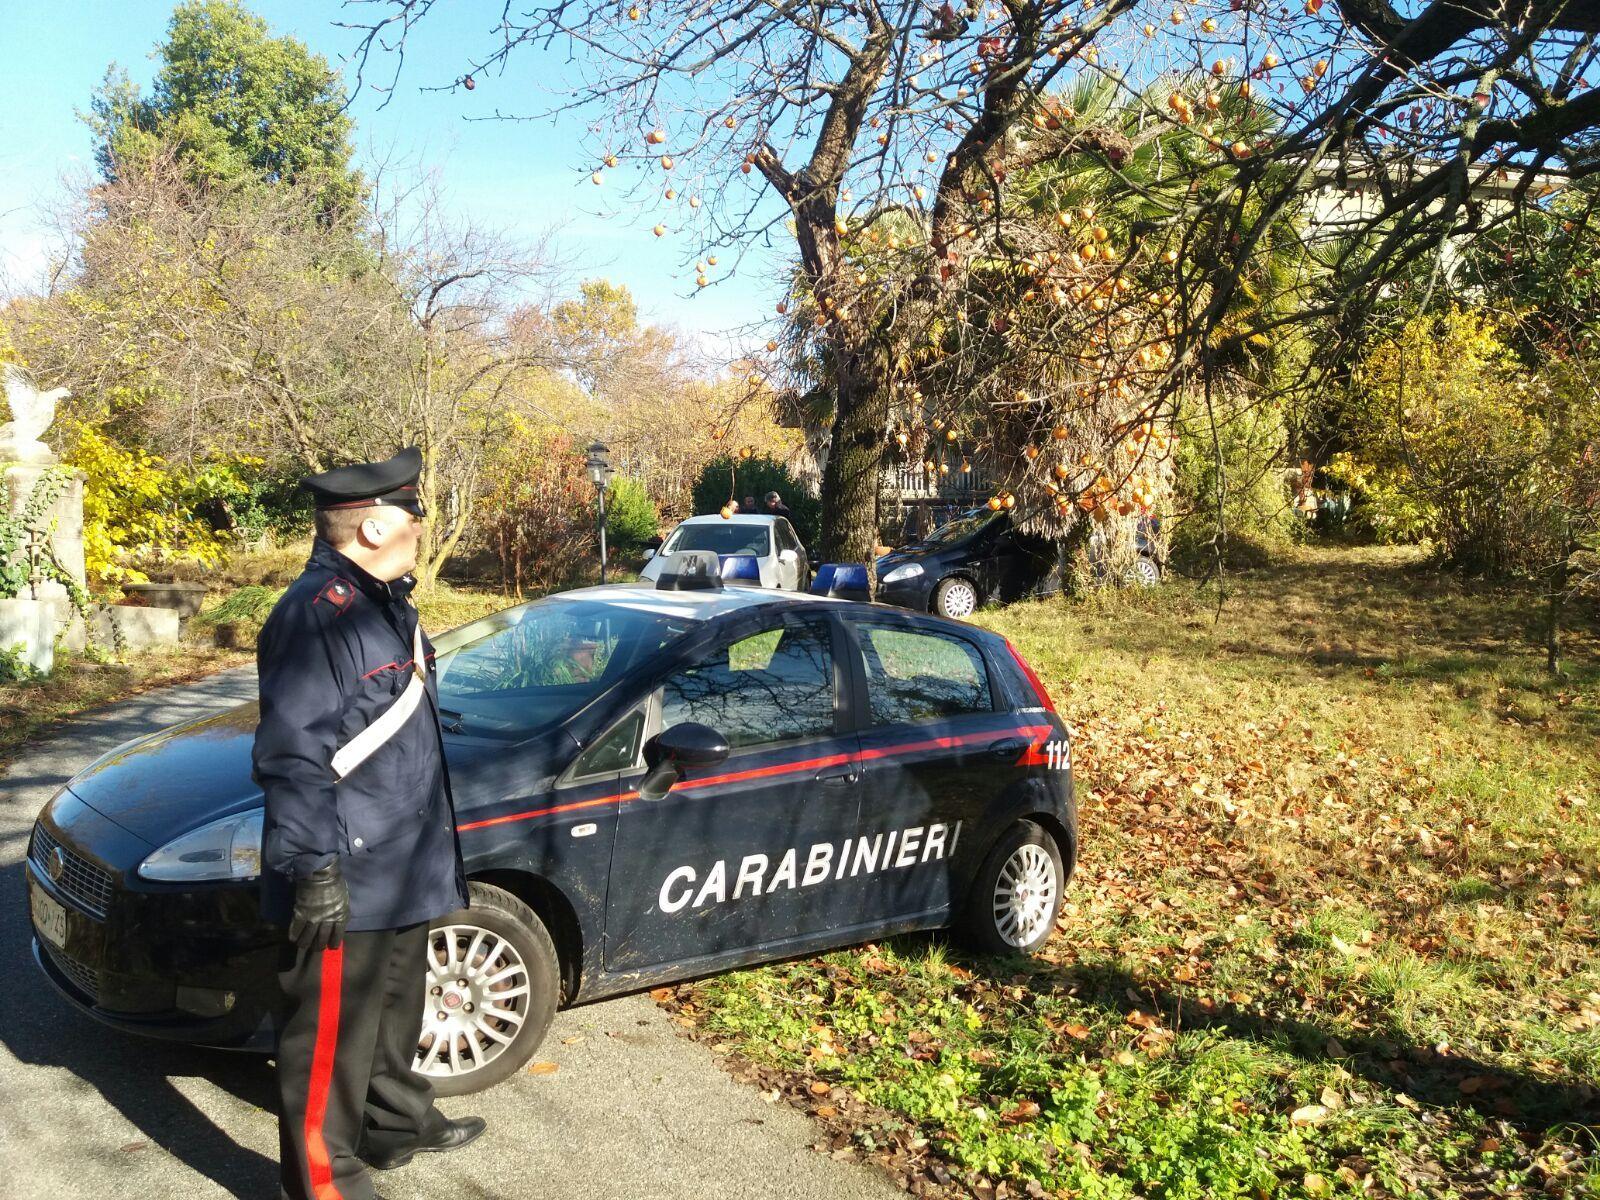 OMICIDIO DI SPINETO - Cristina Mattioda arrestata dai carabinieri per l'omicidio del fratello Mauro